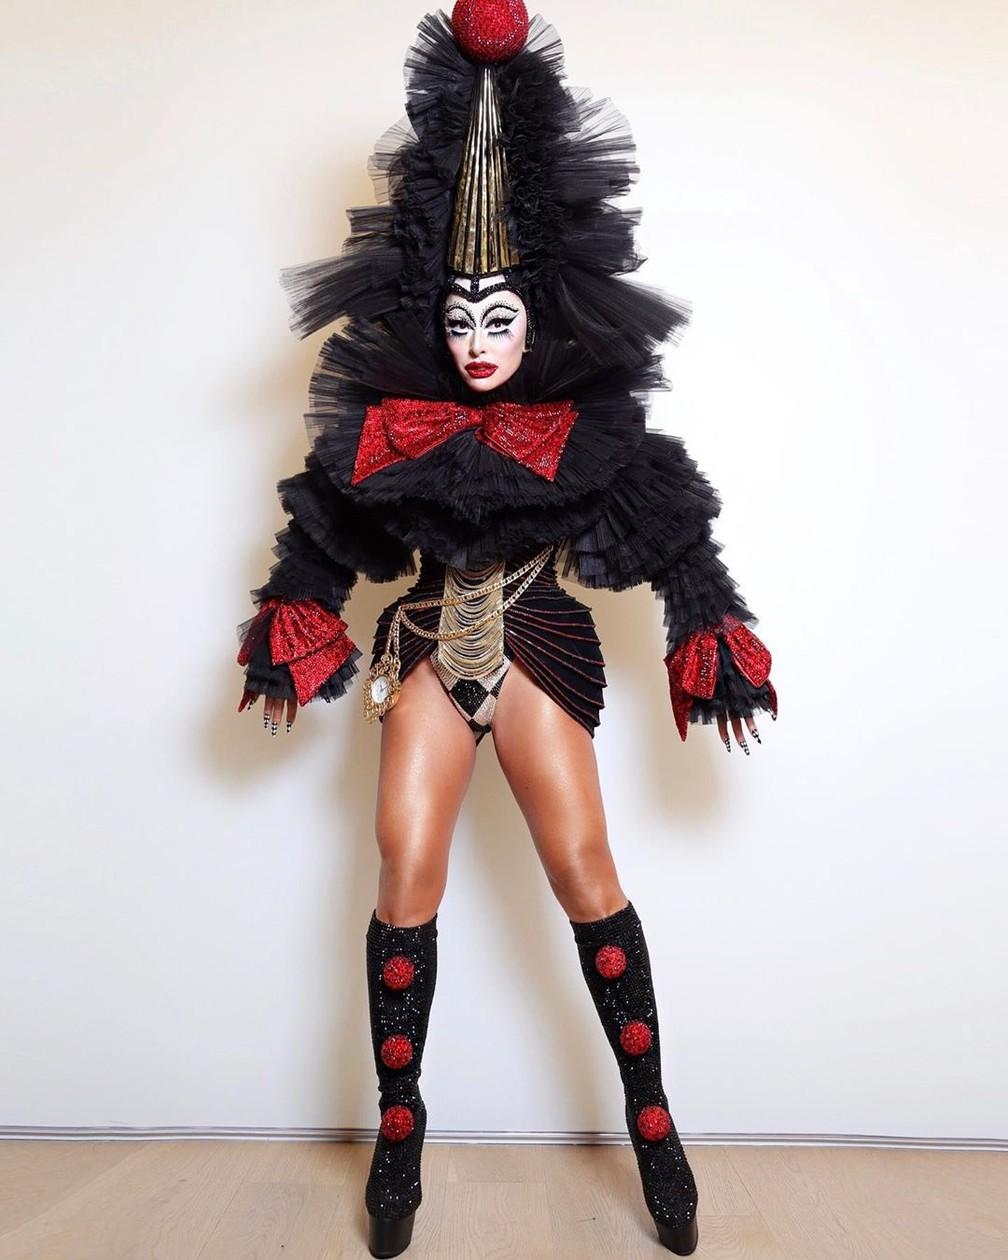 Sabrina Sato caprichou em fantasia de palhaço, inspirada na ópera Pagliacci, para evento de Halloween em São Paulo — Foto: Reprodução/Instagram/SabrinaSato